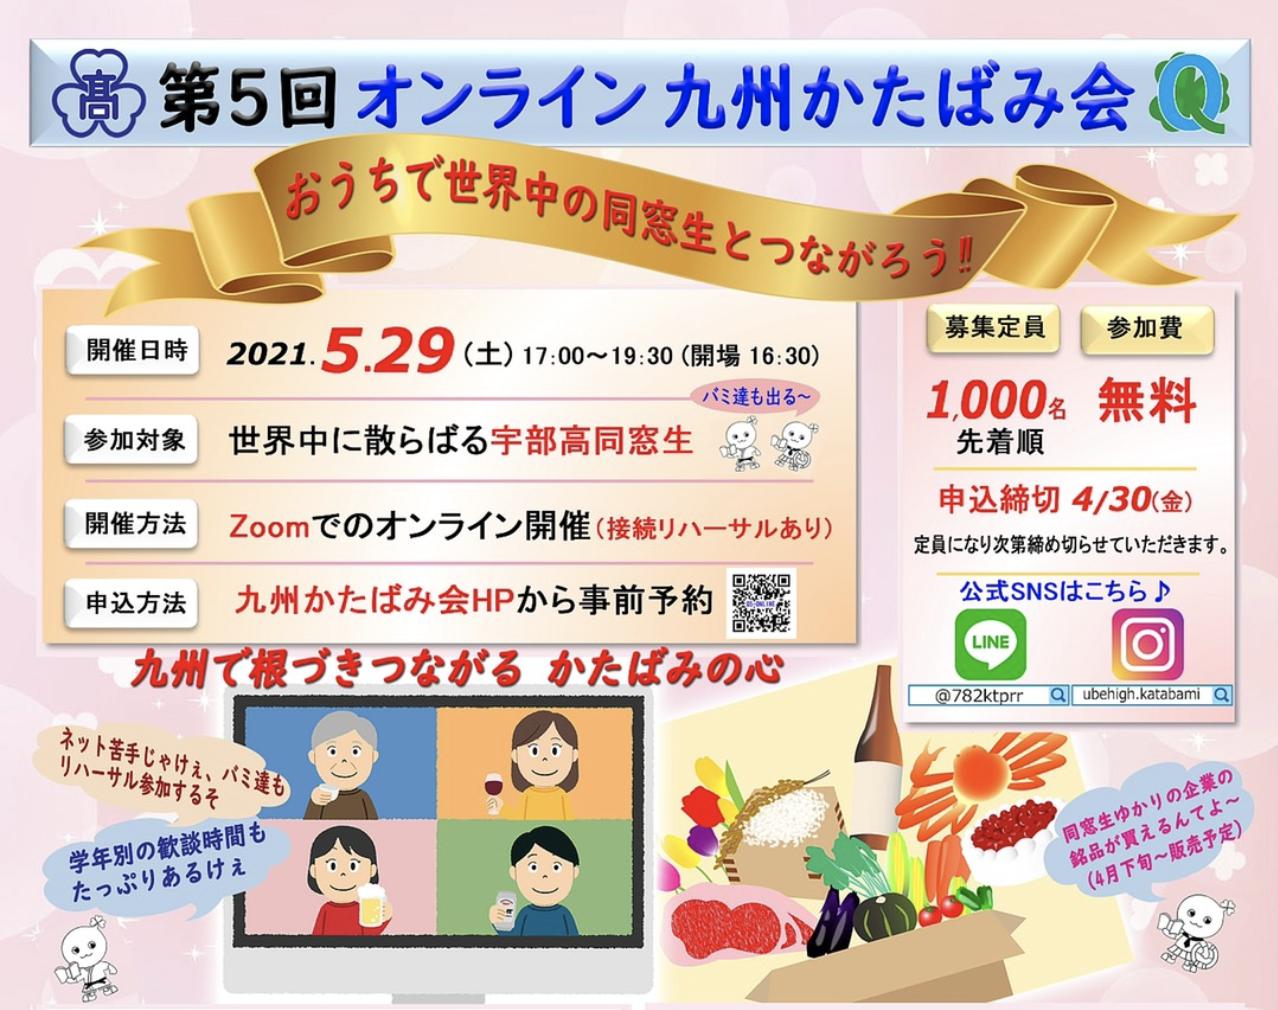 第5回(2021年)九州かたばみ会のご案内のイメージ